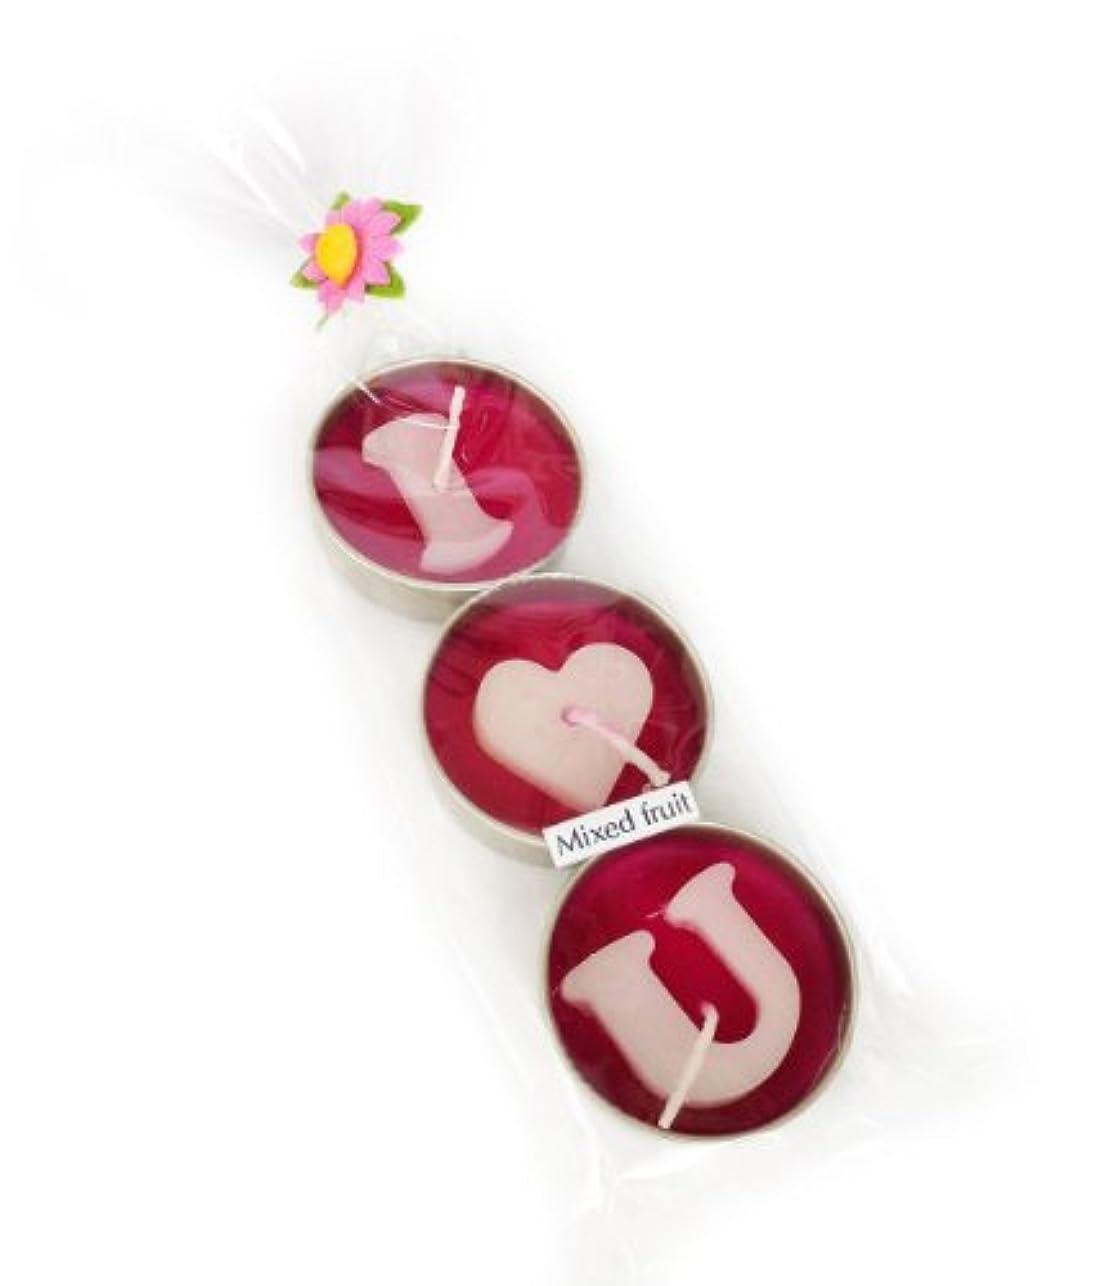 受付リネンピアニストアロマキャンドル/ラブキャンドル/ILoveU/モーク/ロウソク/ろうそ/1パック3個入り/(1Pack  3pc I love U Candle) (Mixed Fruit)